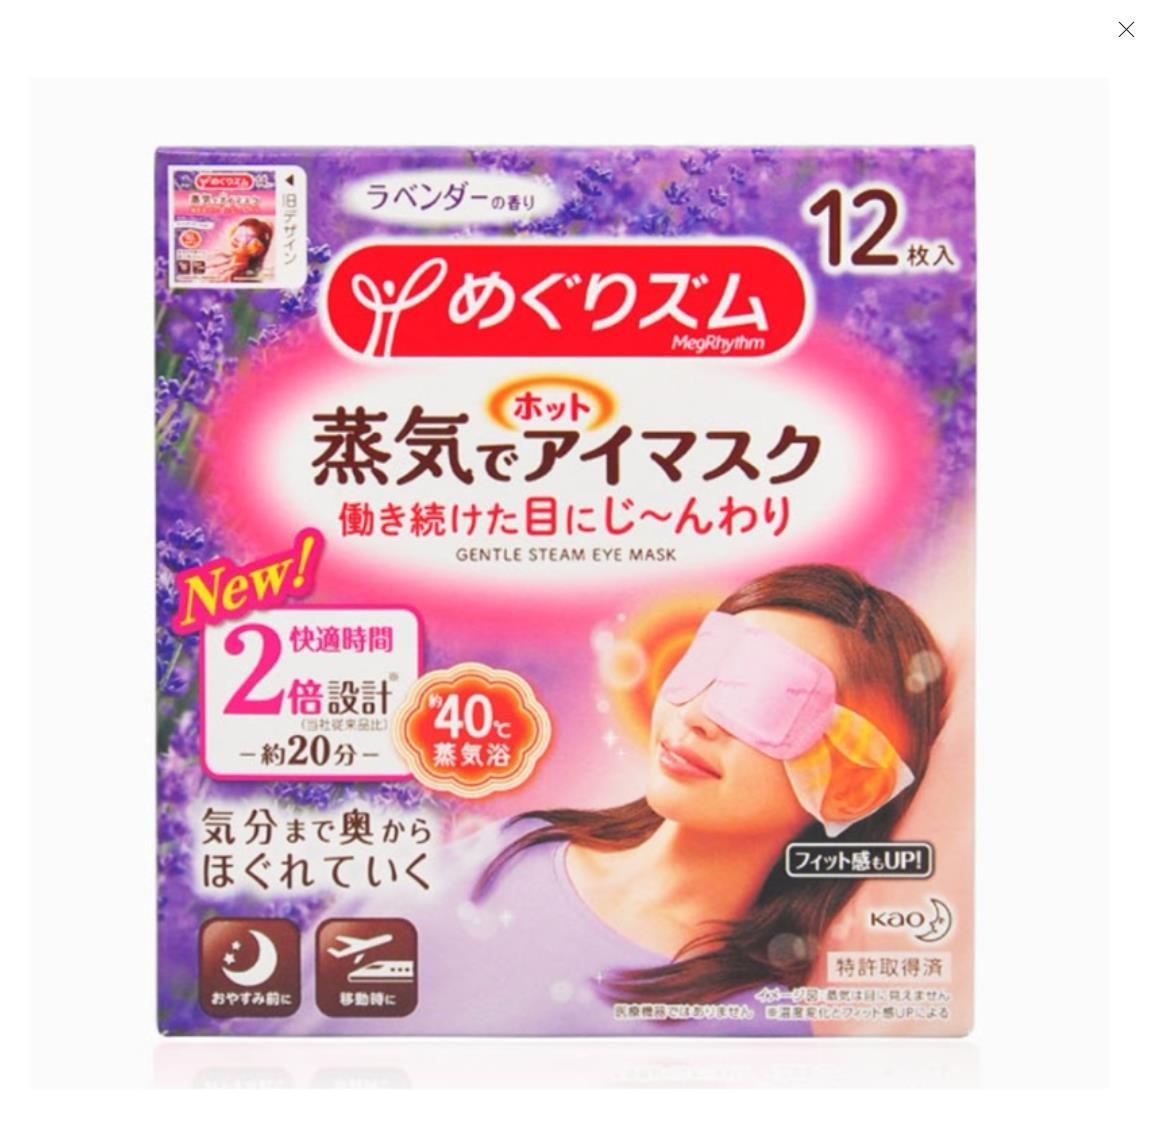 [日本直邮] 日本KAO花王 蒸汽眼罩 薰衣草新版 日本本土版 12片